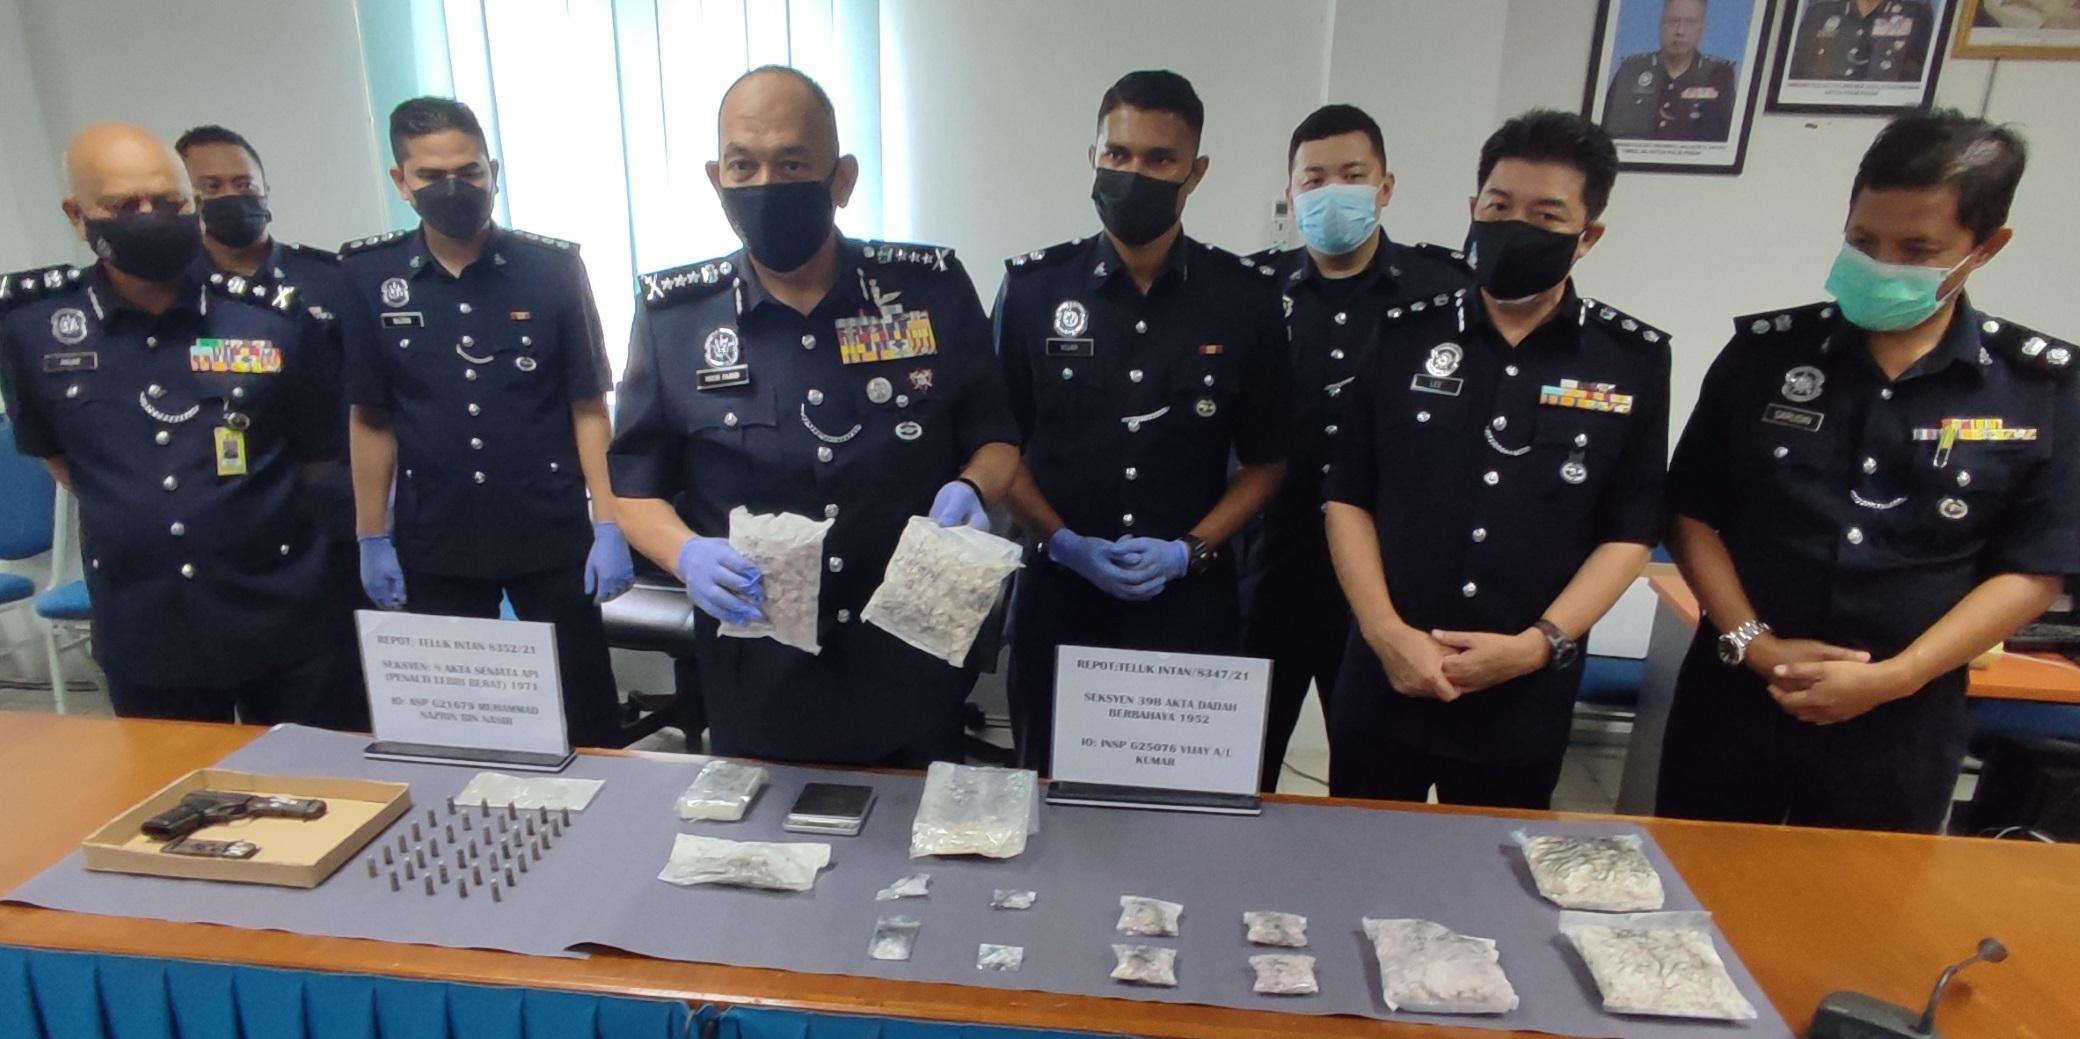 安顺警方捕一男子 起近9万毒品手枪